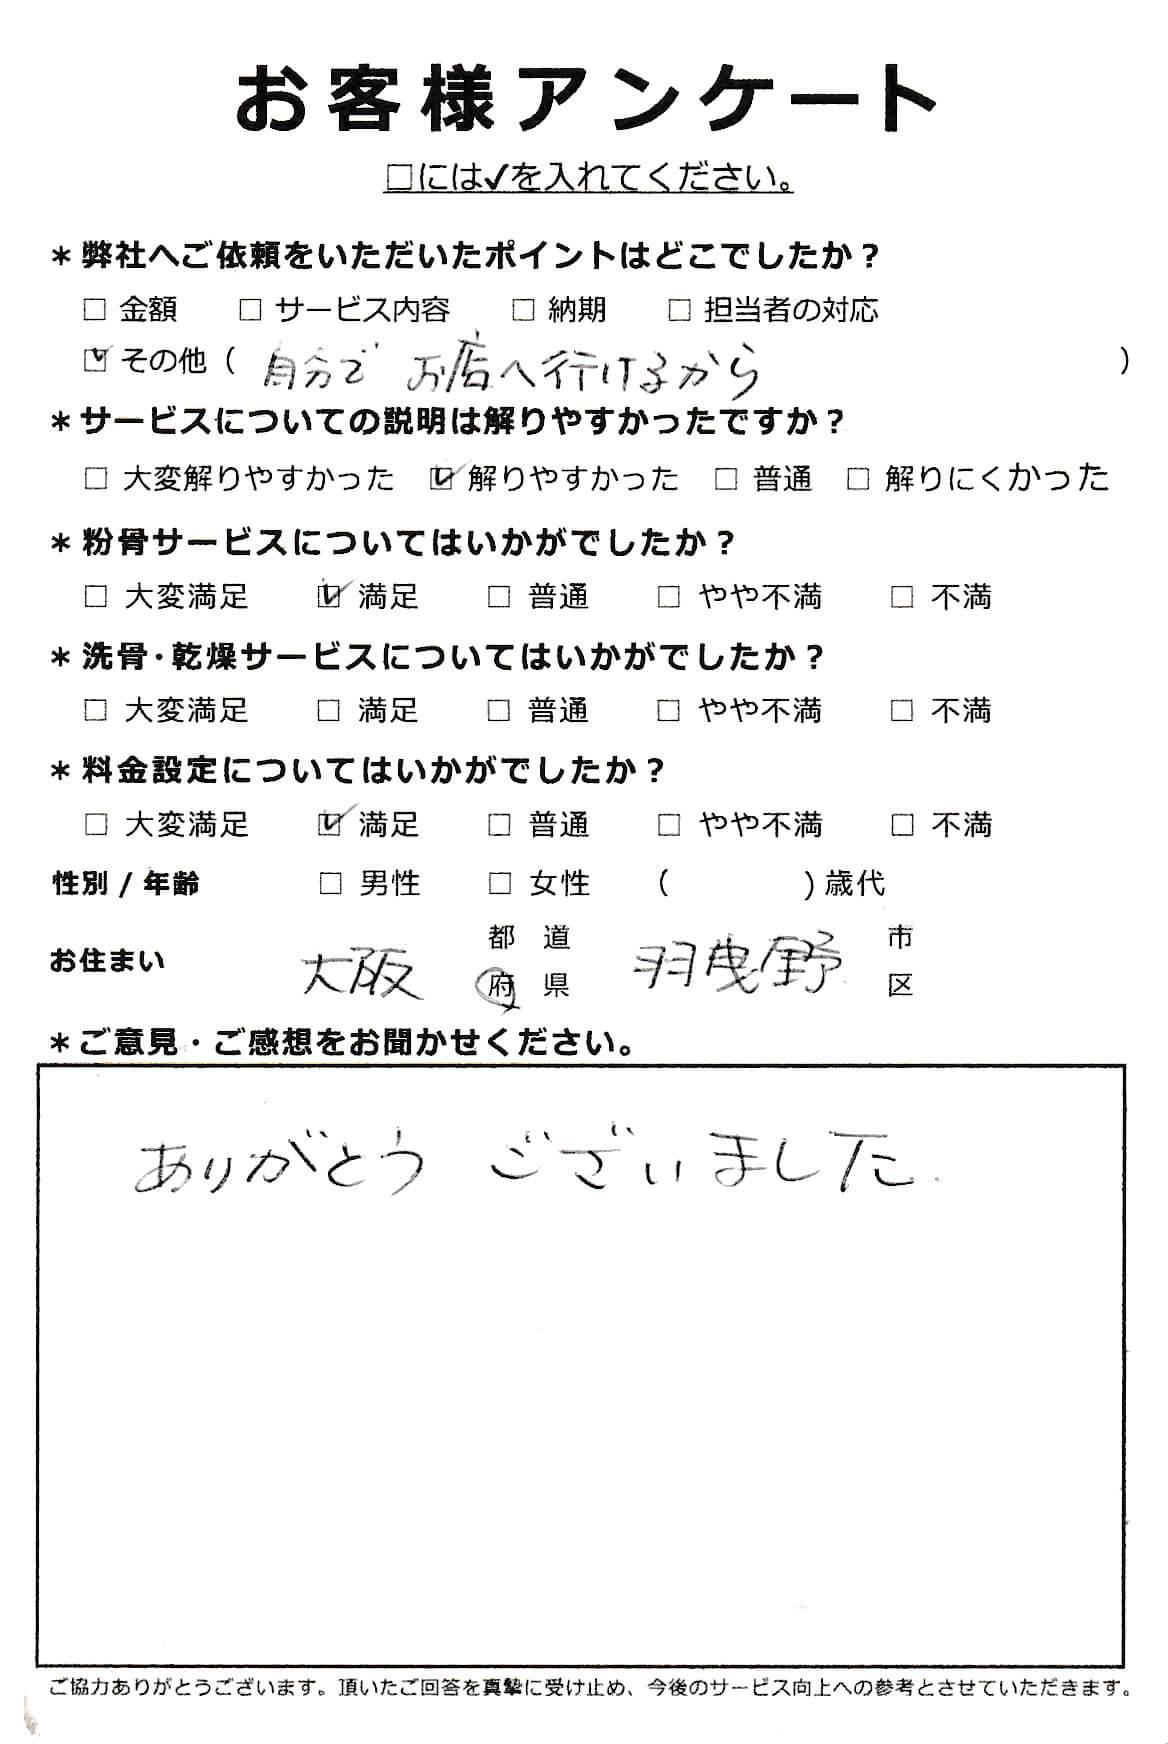 大阪府羽曳野市での粉骨・洗骨サービス